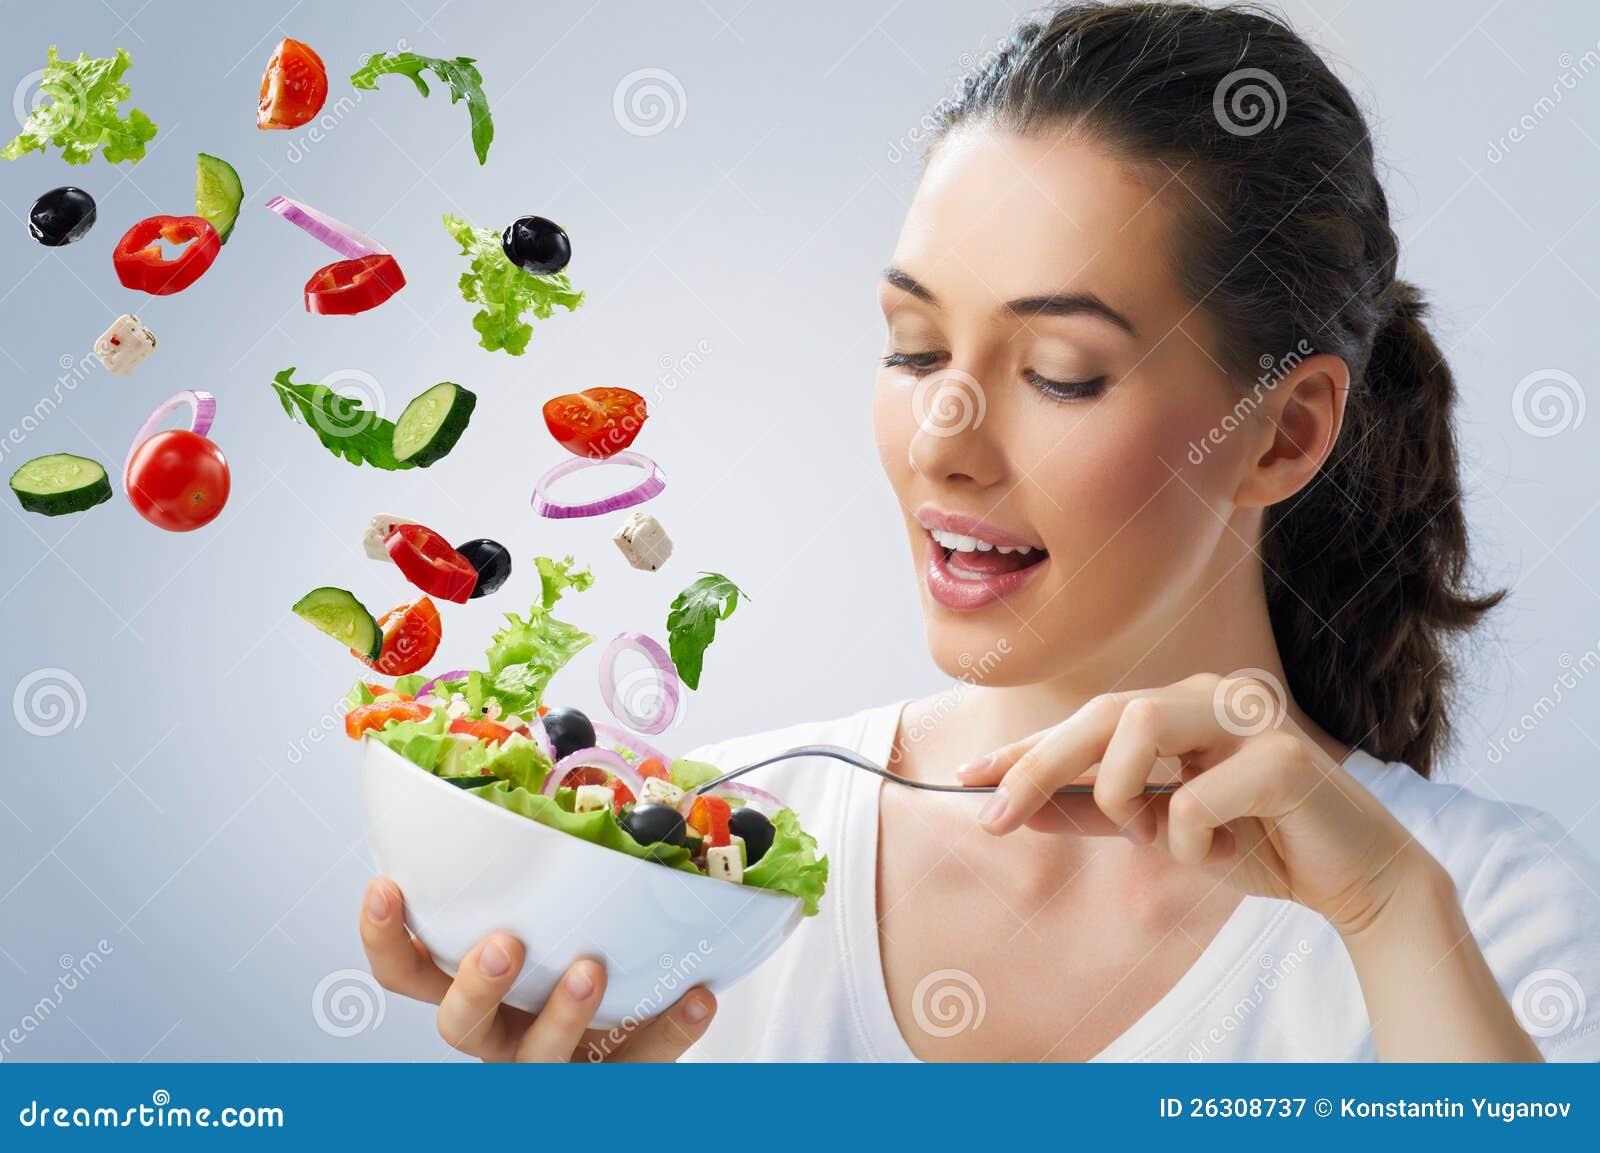 Essen der gesunden Nahrung